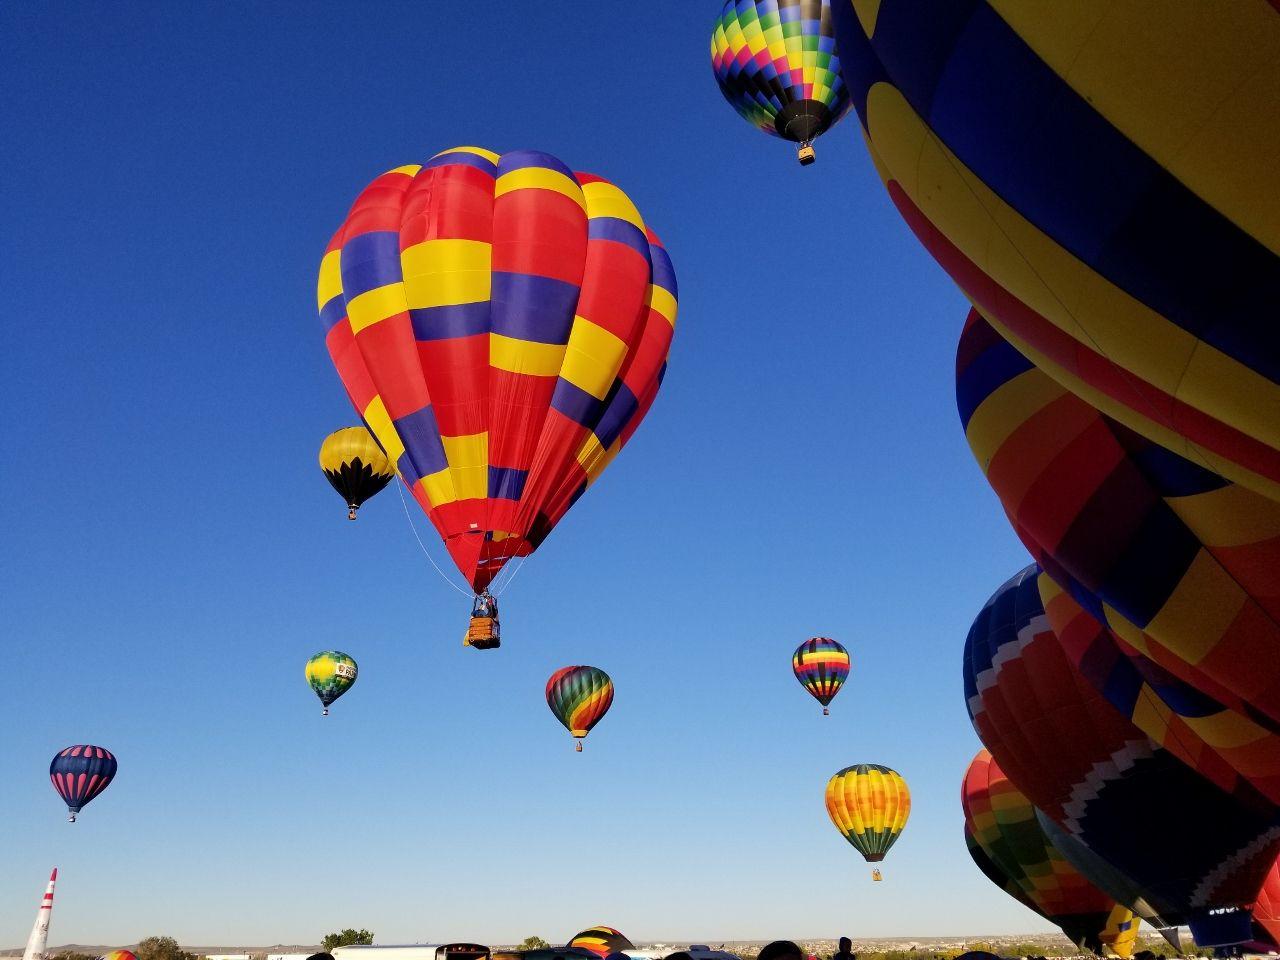 2019 Albuquerque International Balloon Fiesta 28 Tips